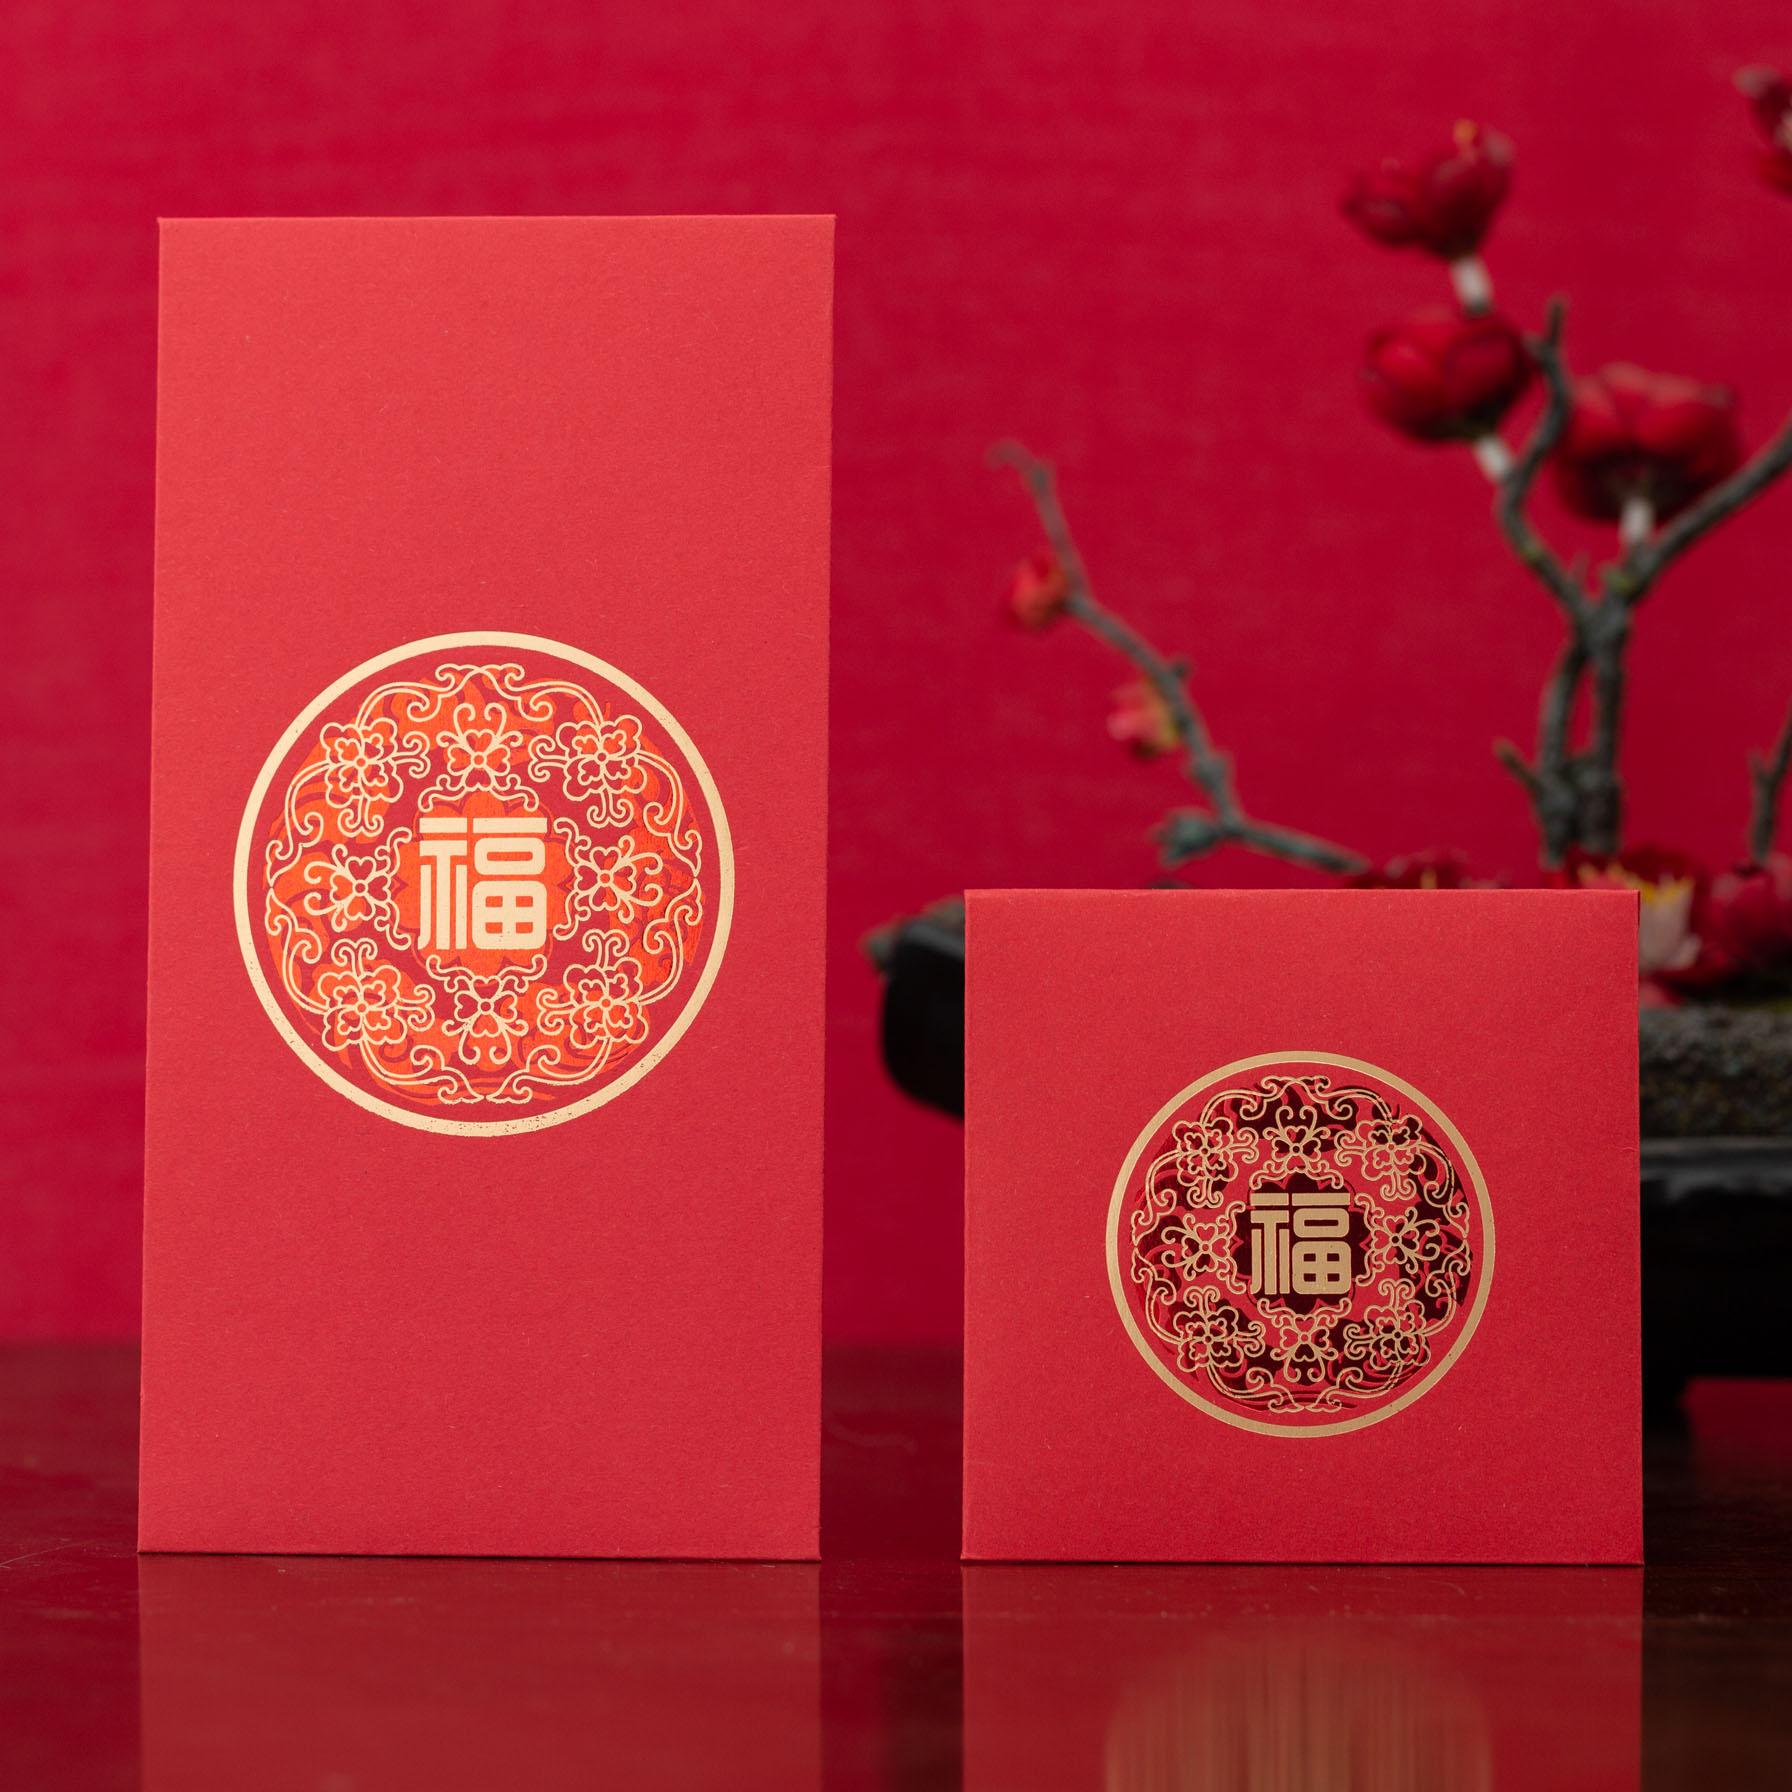 Конверты для Китайского нового года Артикул 590299821423